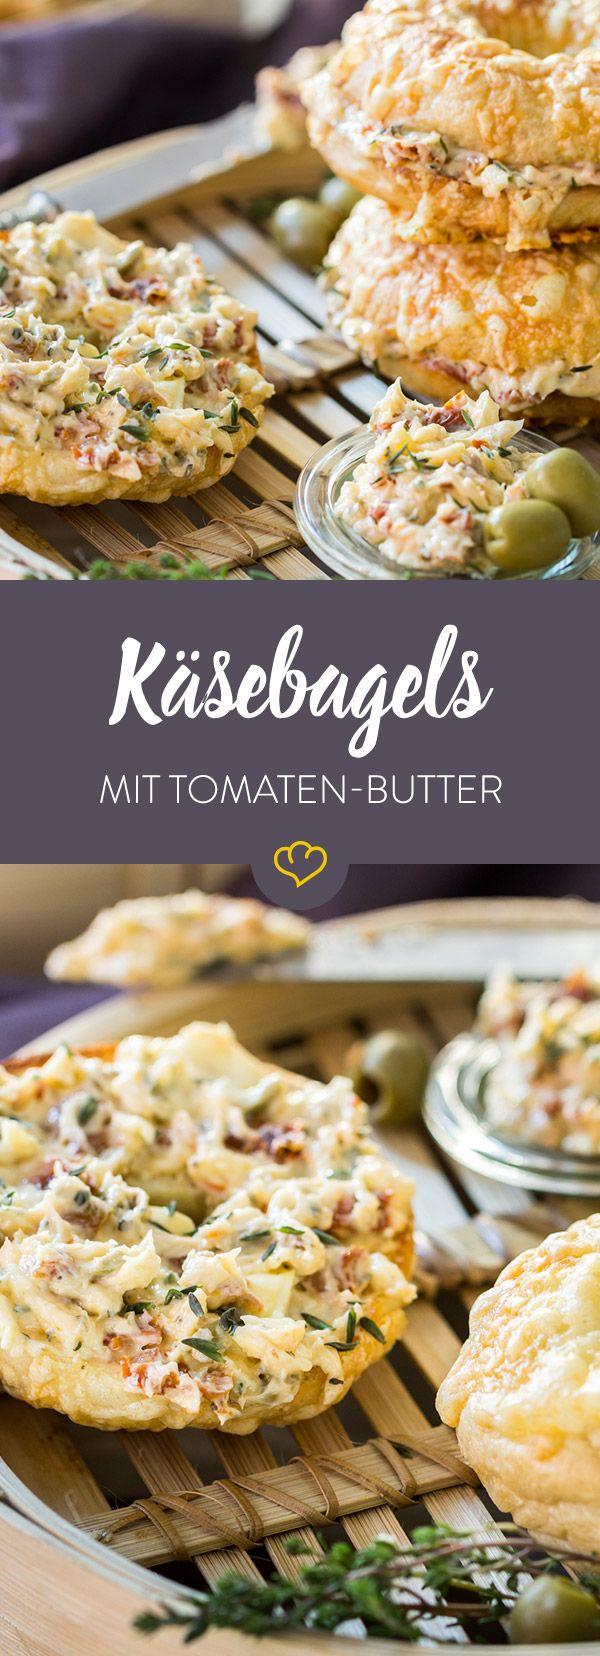 Das amerkanische Lochbrötchen kann auch italienisch: Mit einer knusprigen Käsedecke und cremiger Oliven-Butter mit sonnengetrockneten Tomaten.